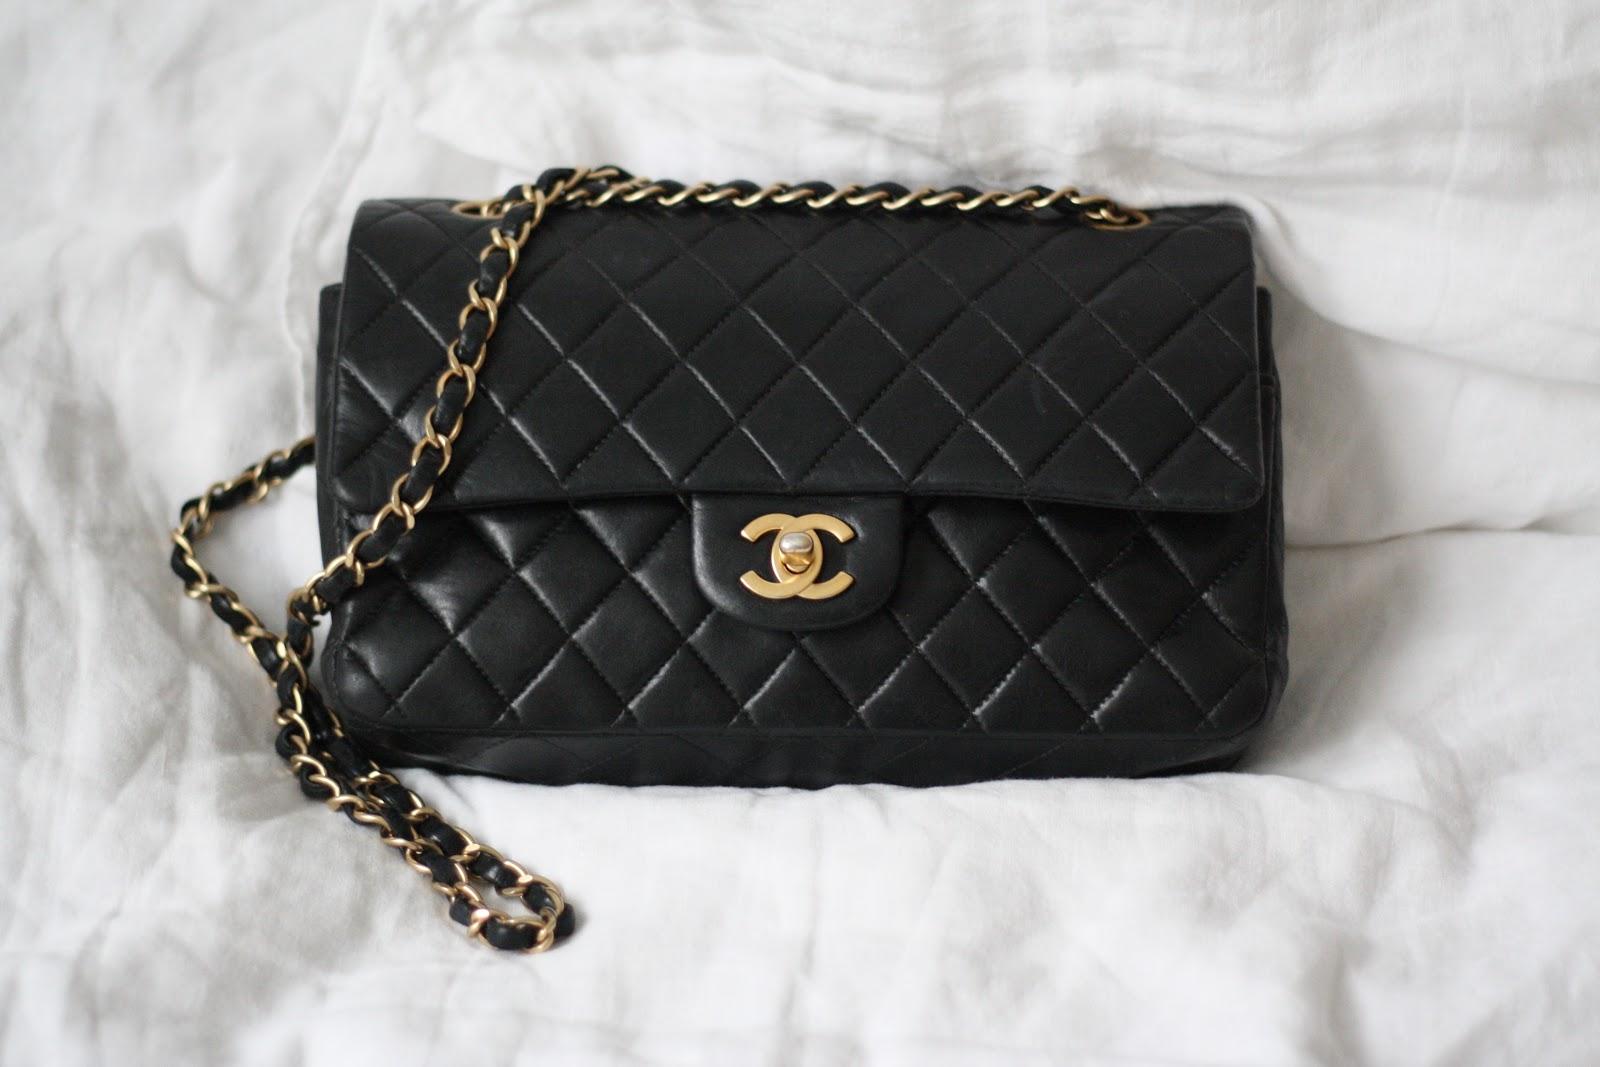 Ostetaan Chanel Laukku : Chanel laukku internet ja tietokoneet